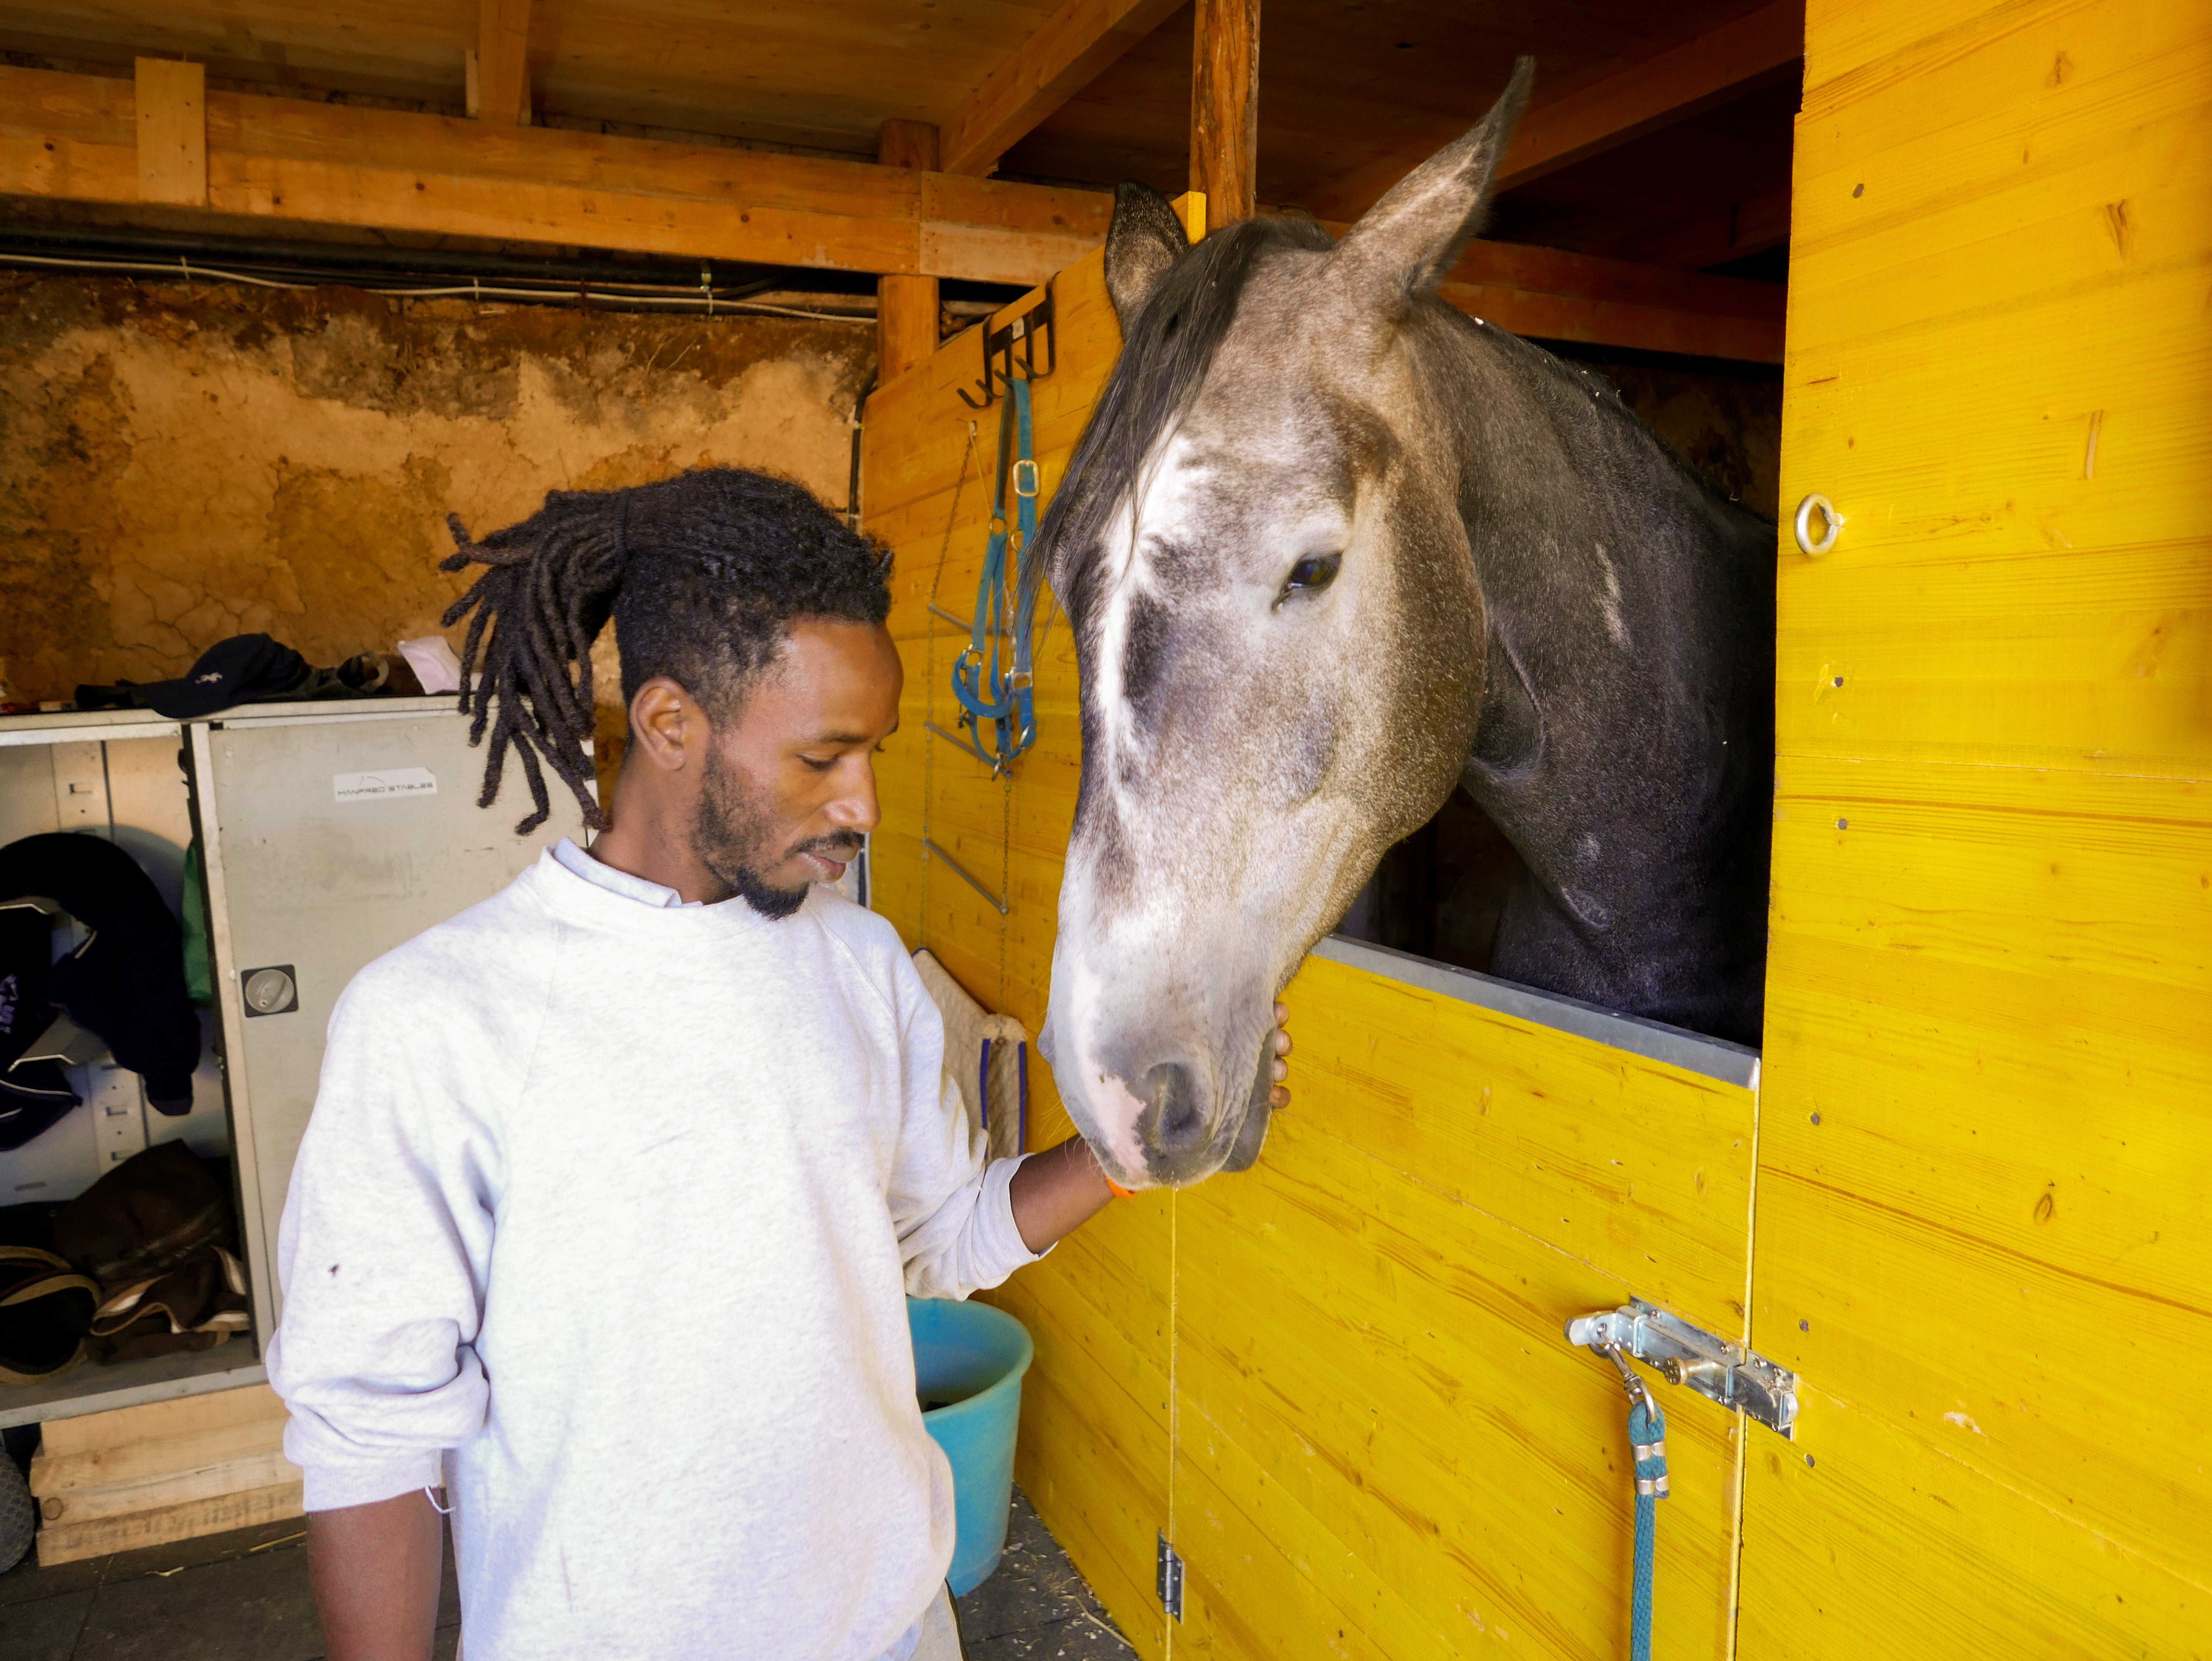 Modou, giovane rifugiato del Gambia, sorride accarezzando uno dei cavalli del maneggio